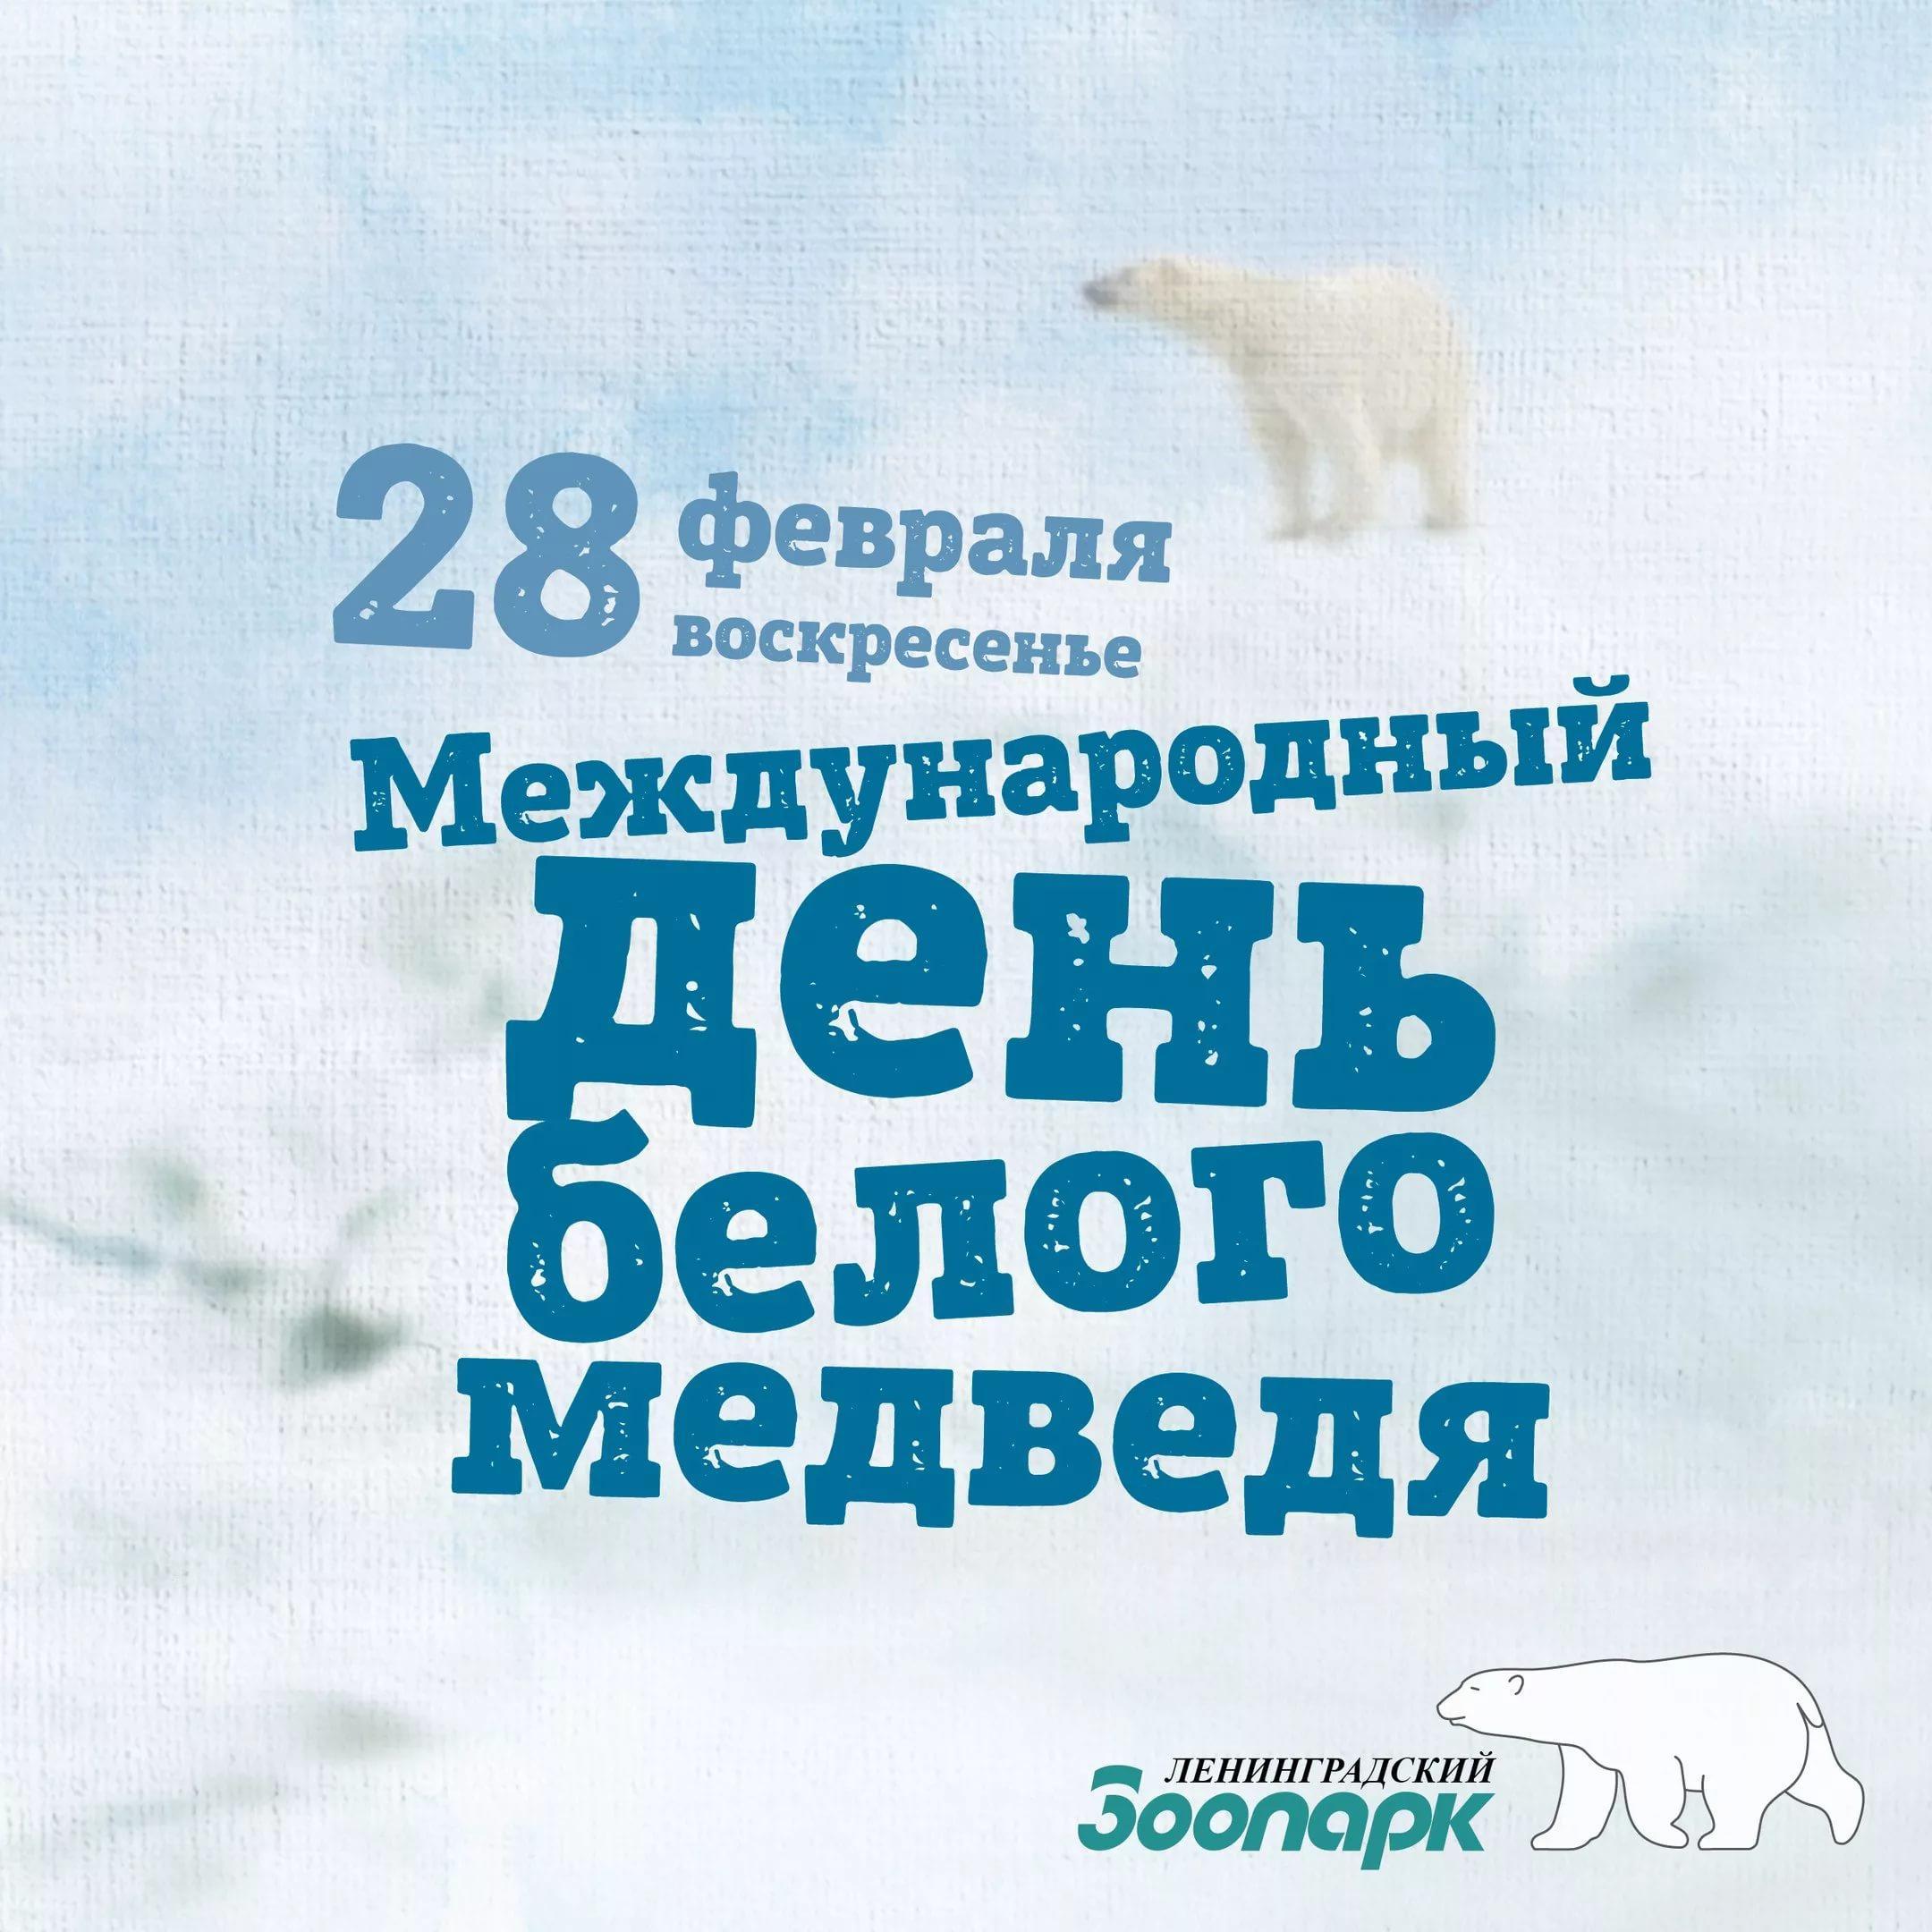 День белого медведя, красивые картинки поздравления 14